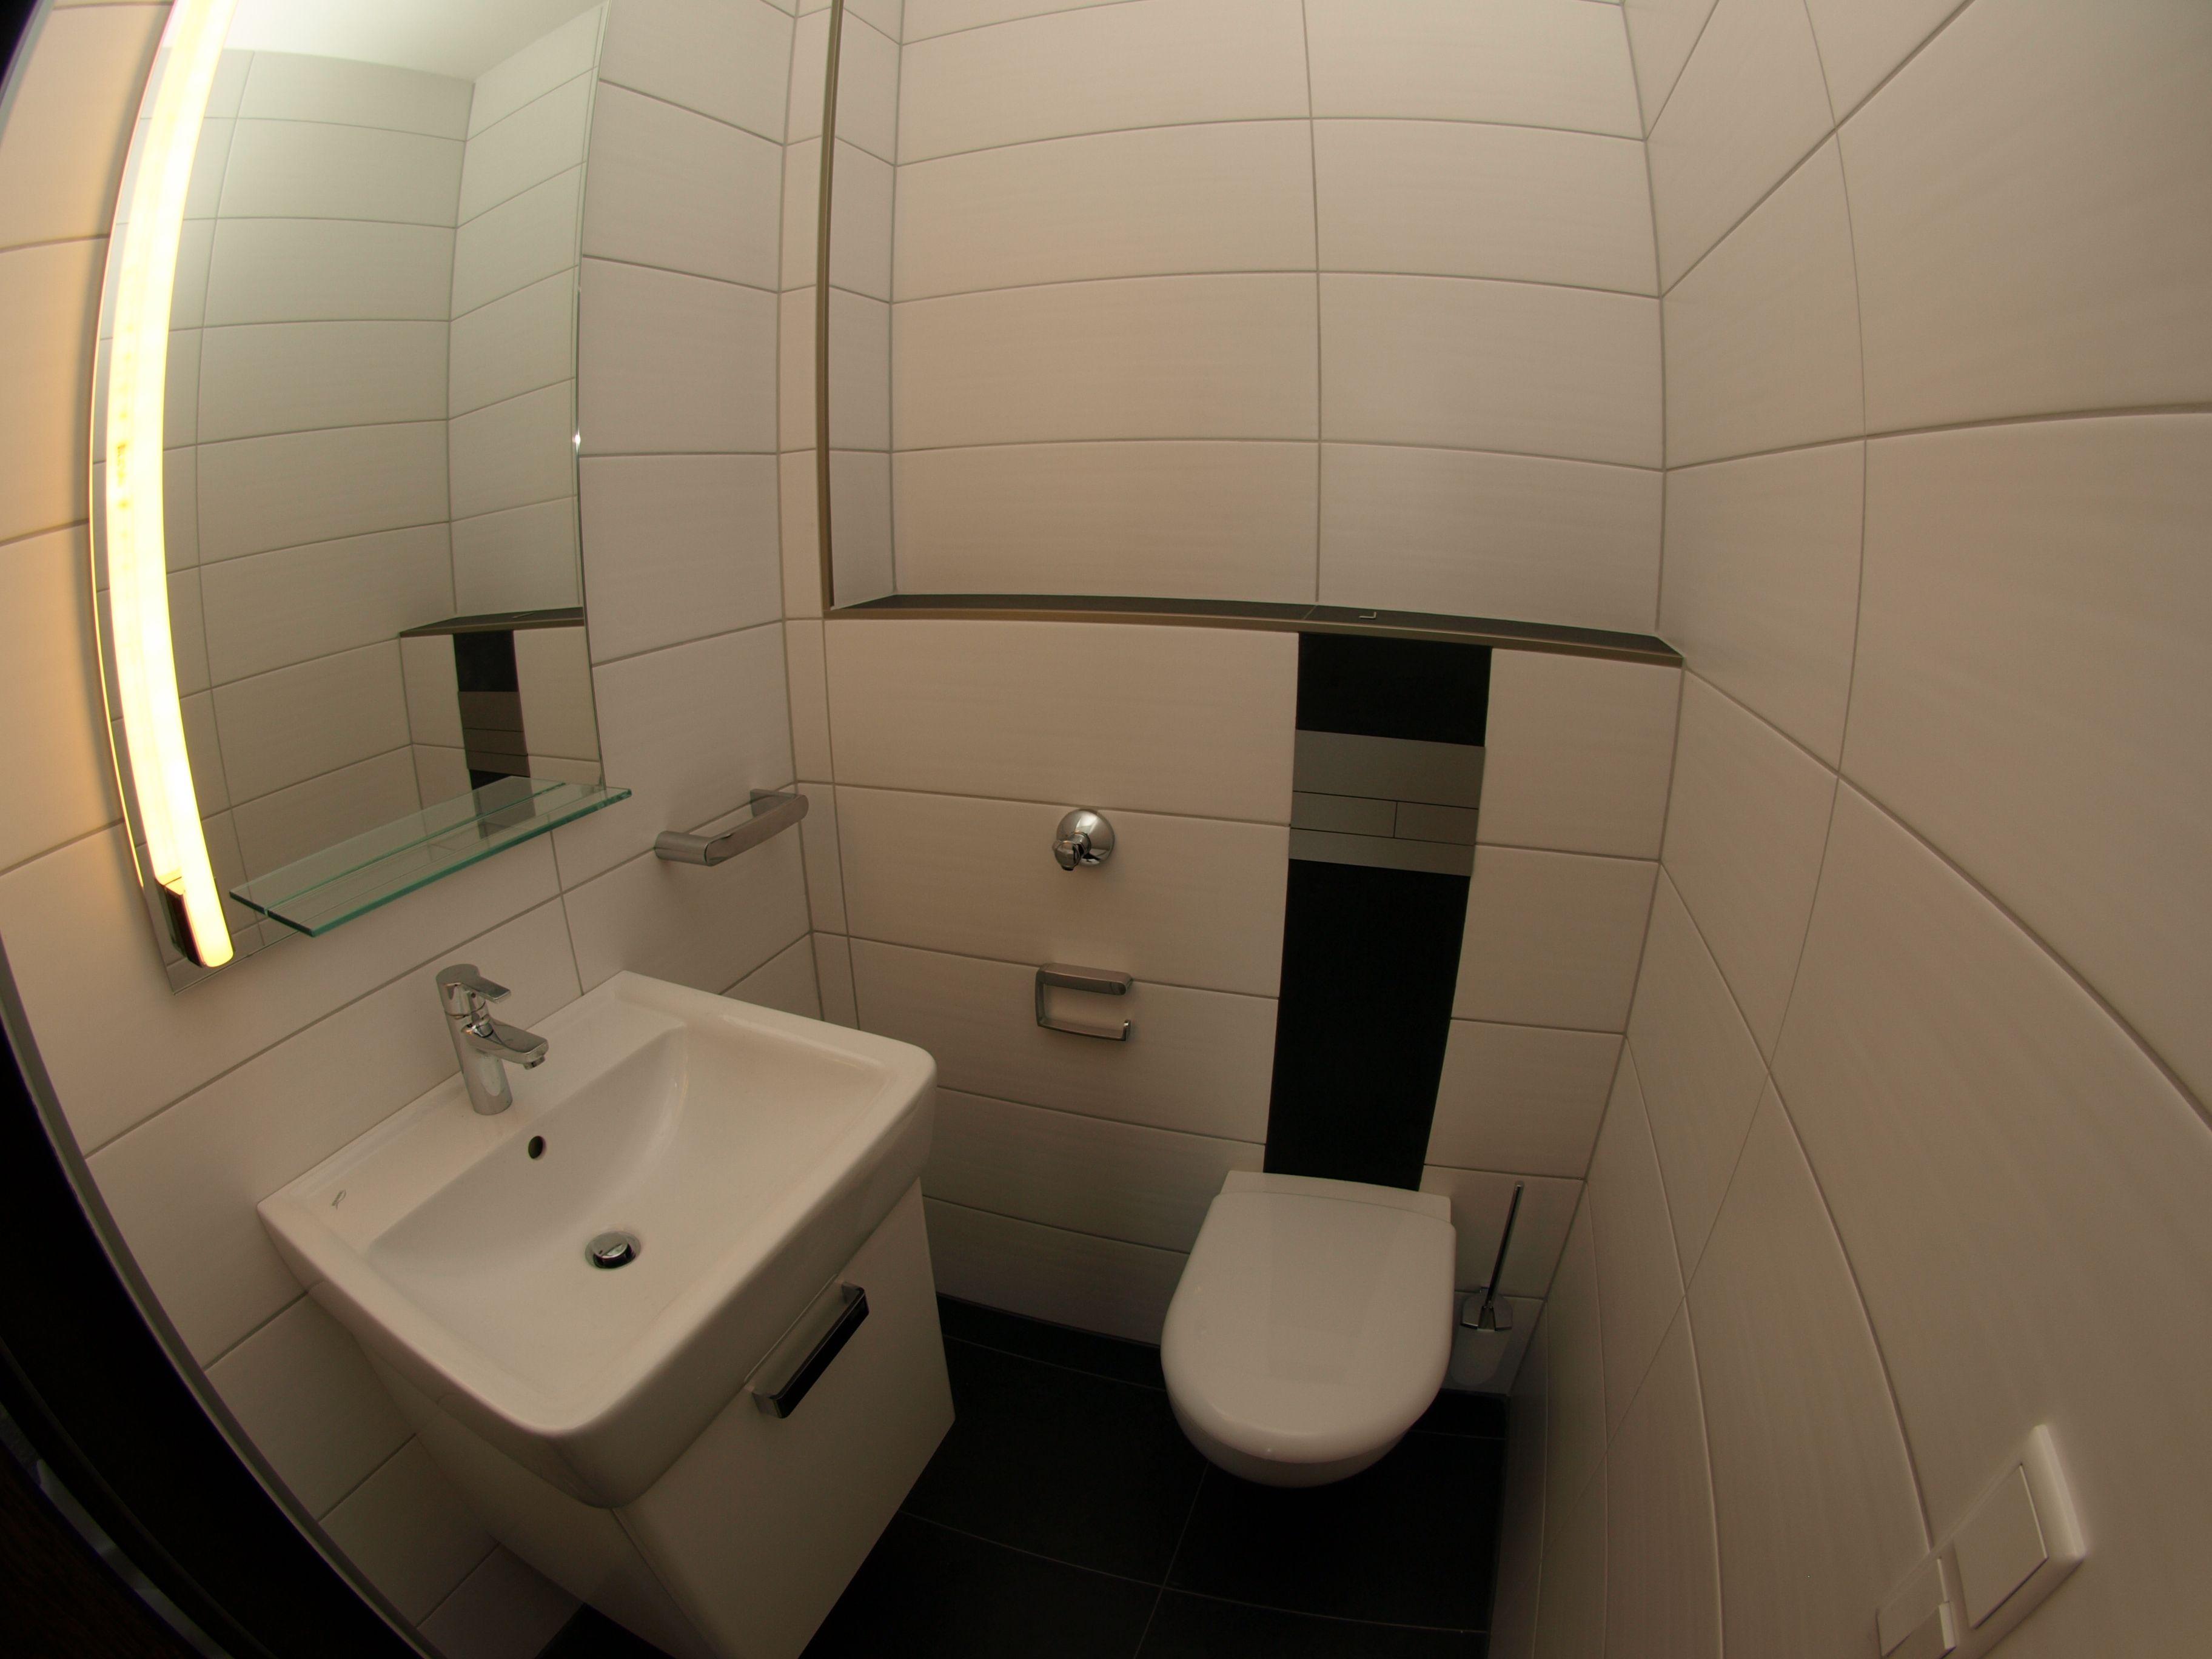 badsanierung altbausanierung und mehr sanit r spanner. Black Bedroom Furniture Sets. Home Design Ideas